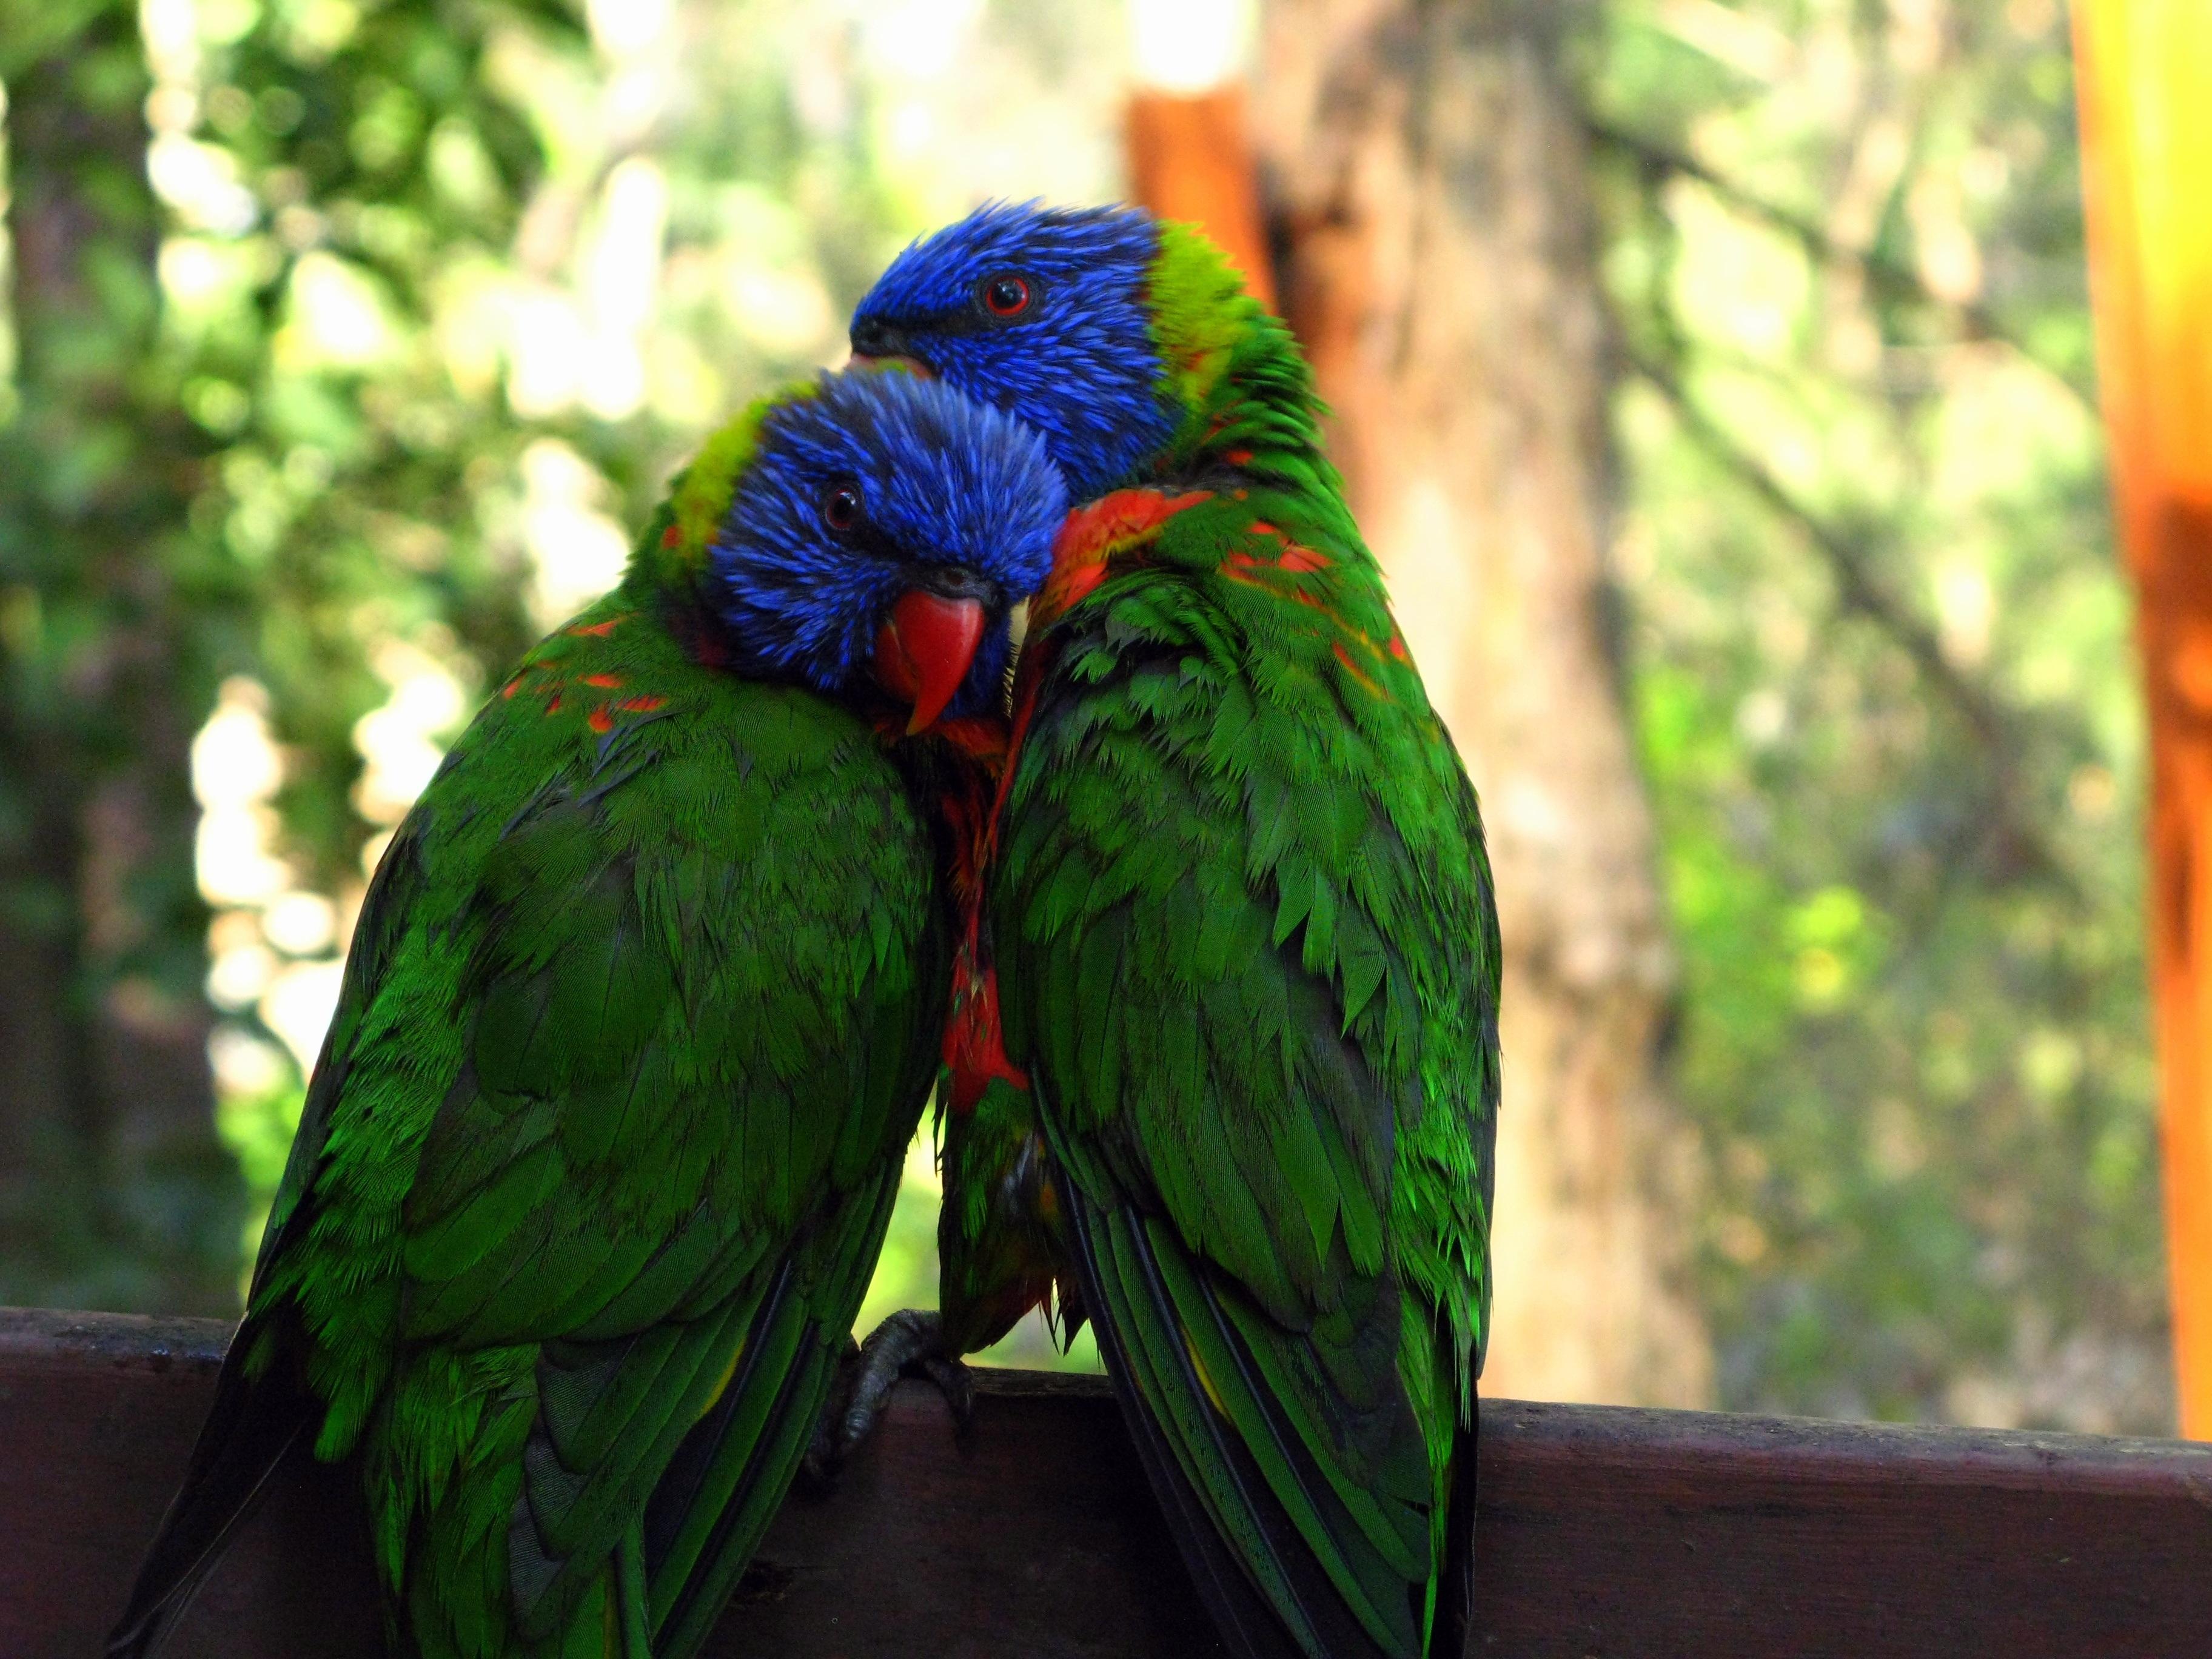 127287 Заставки и Обои Птицы на телефон. Скачать Птицы, Животные, Попугаи, Пара, Нежность картинки бесплатно